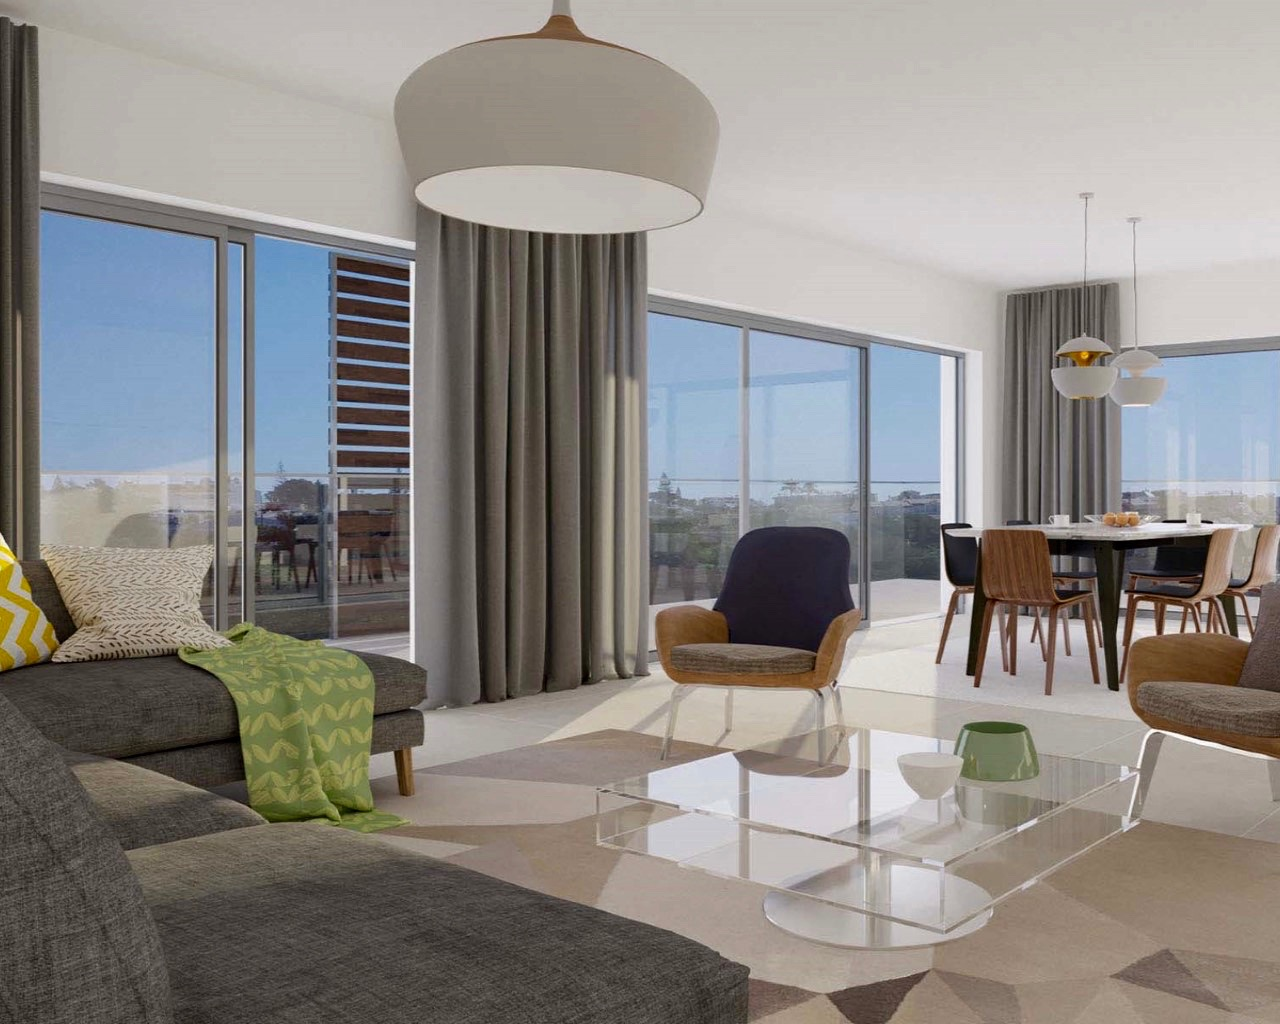 Appartement moderne inséré dans une résidence privée à Albufeira  - Belle 3 chambre appartement avec terrace 4 pièces avec terrasse et